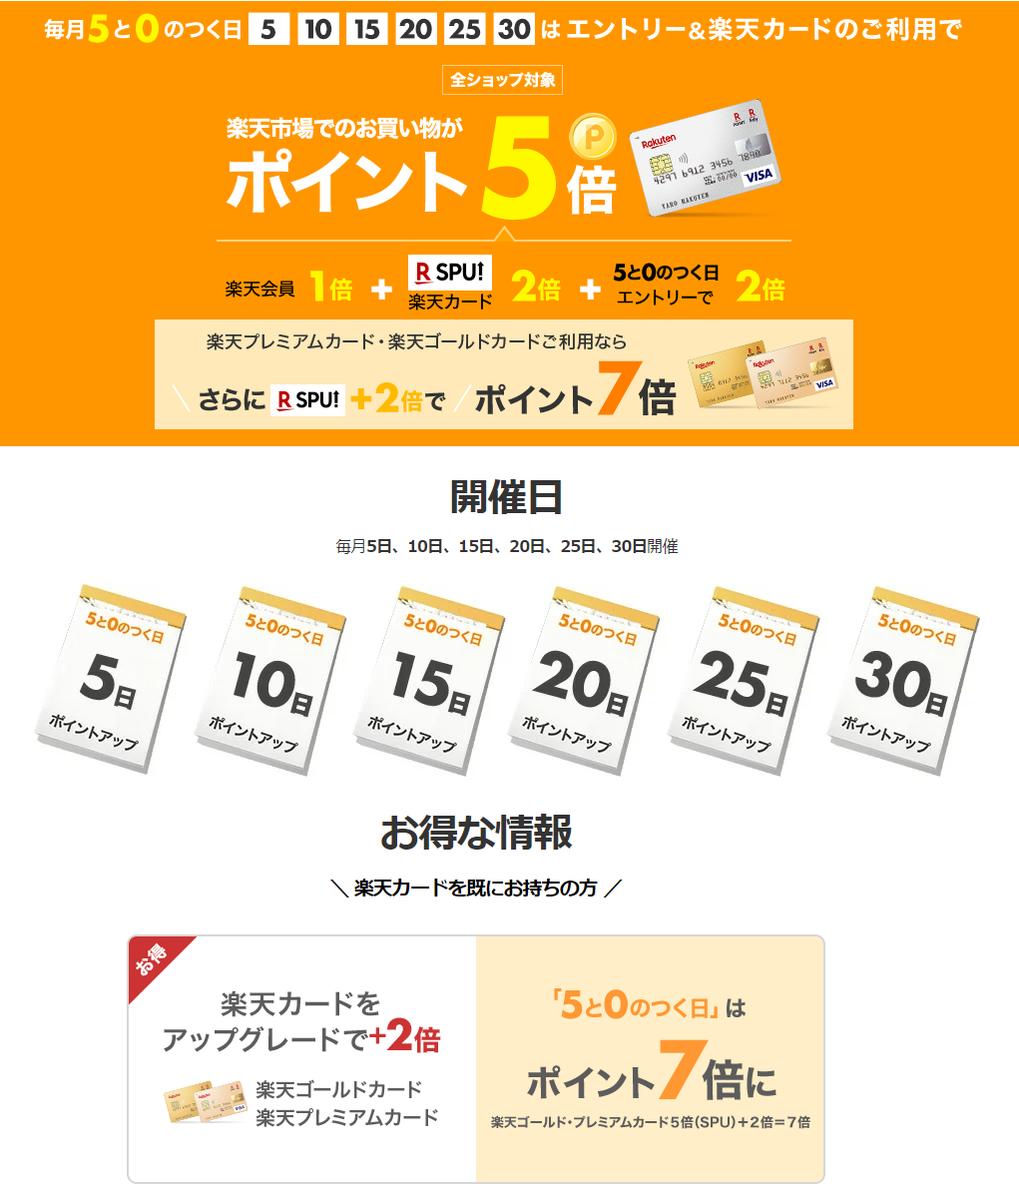 【楽天市場】 毎月5と0のつく日は楽天カード利用でポイント5倍!ポイントサイト経由で更にお得!